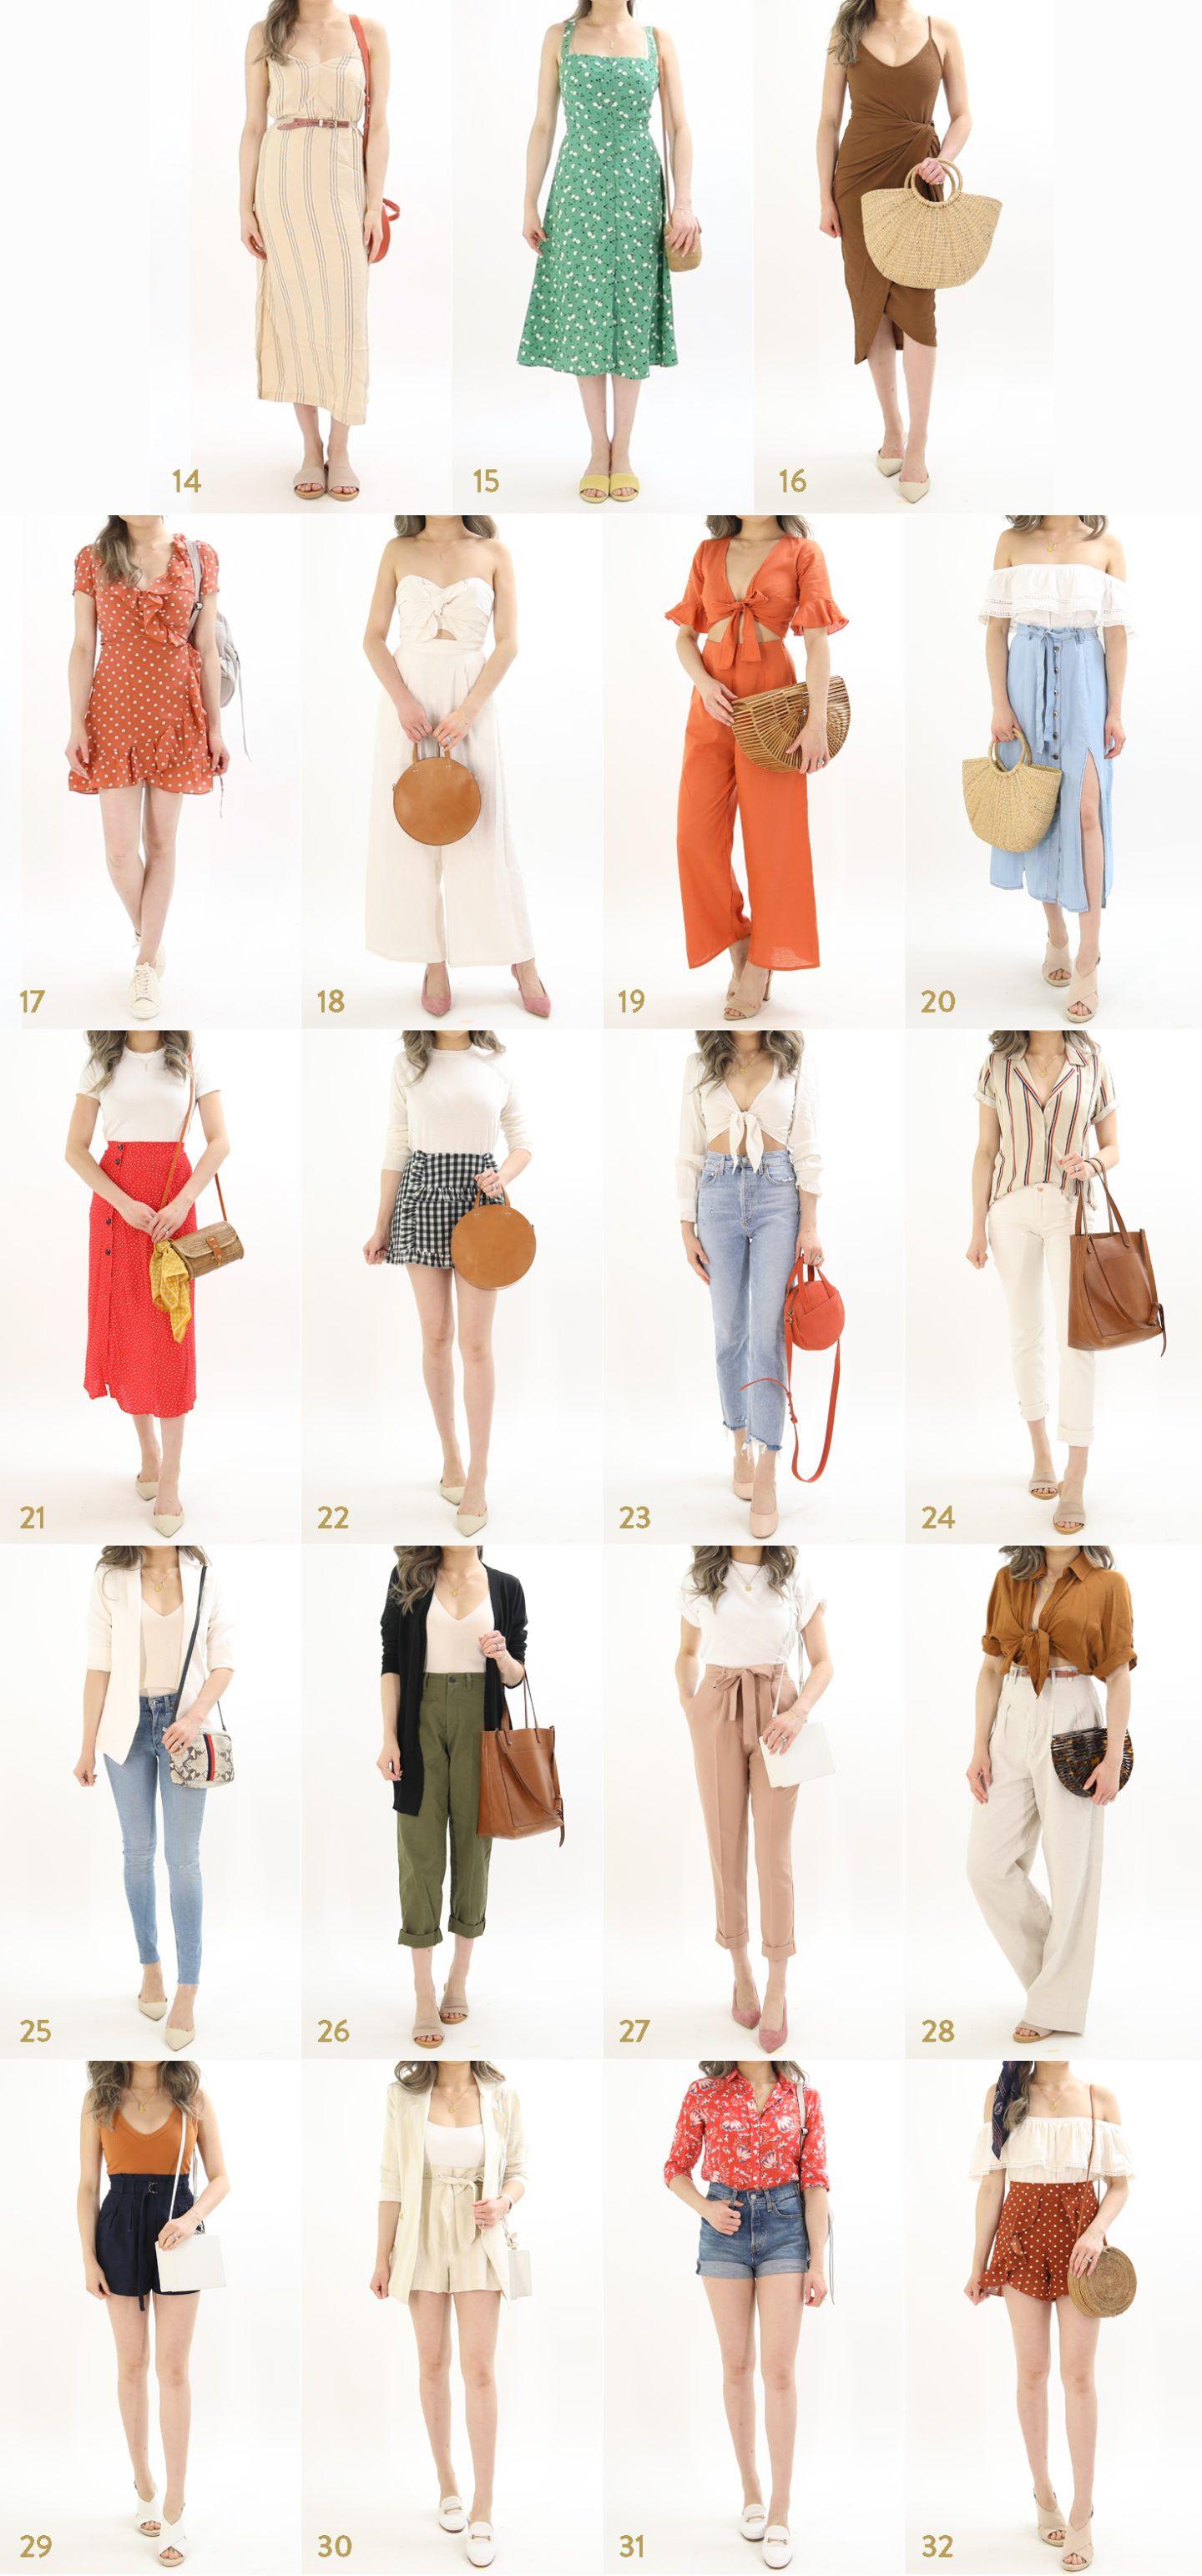 38 Cute Summer Dresses Ideas Summer Outfit Inspiration Summer Dresses Maxi Dress Cotton Summer Dresses For Women [ 1280 x 1024 Pixel ]